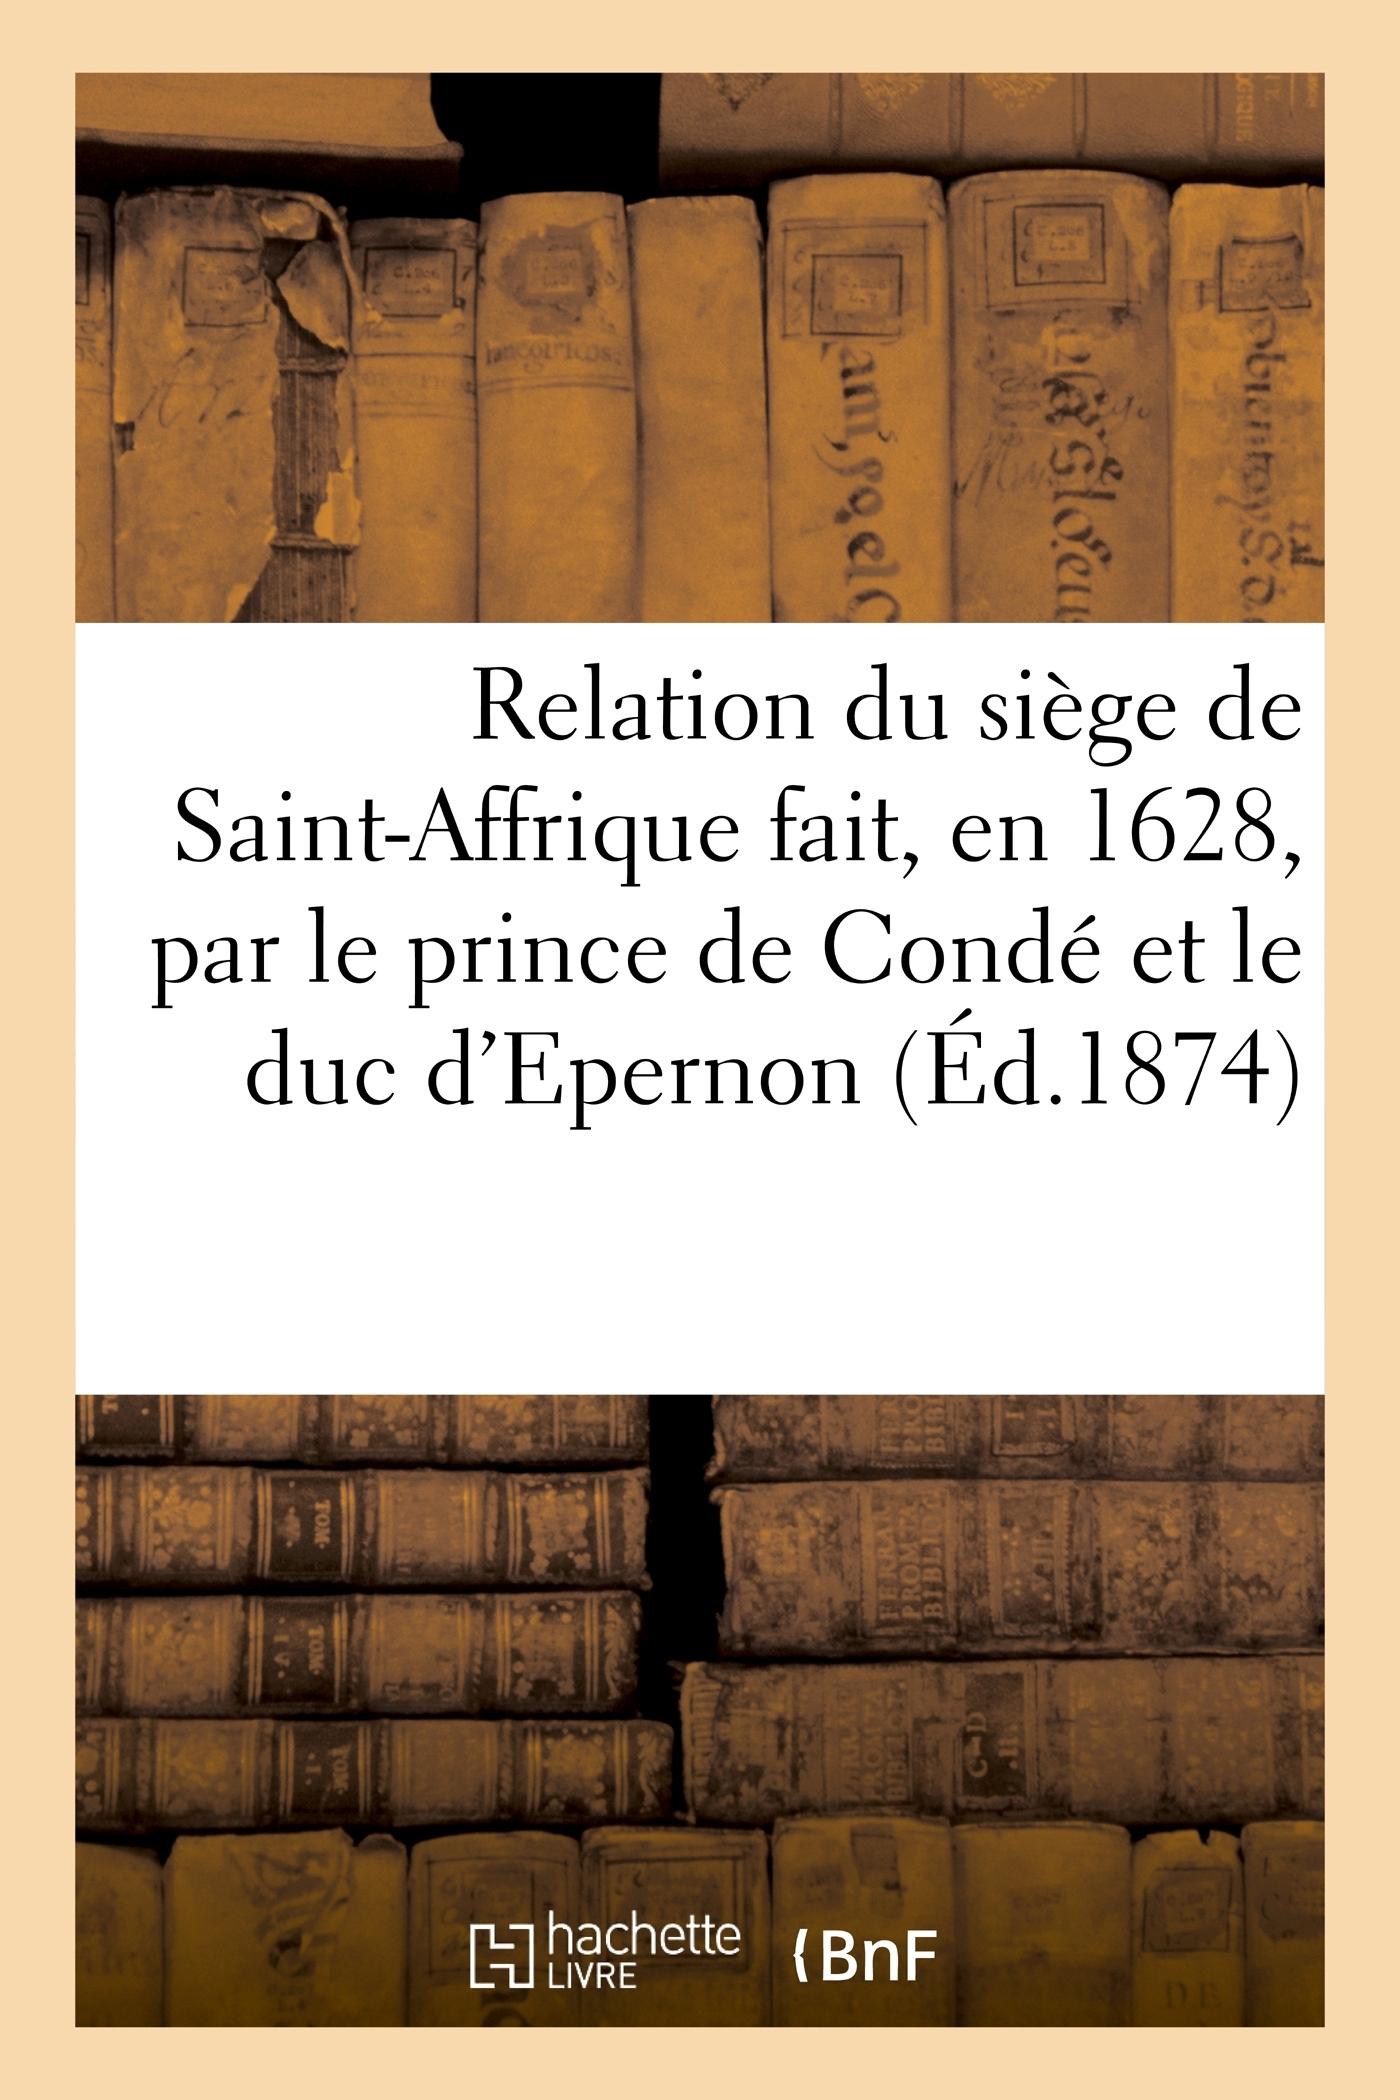 RELATION DU SIEGE DE SAINT-AFFRIQUE FAIT, EN 1628, PAR LE PRINCE DE CONDE ET LE DUC D'EPERNON